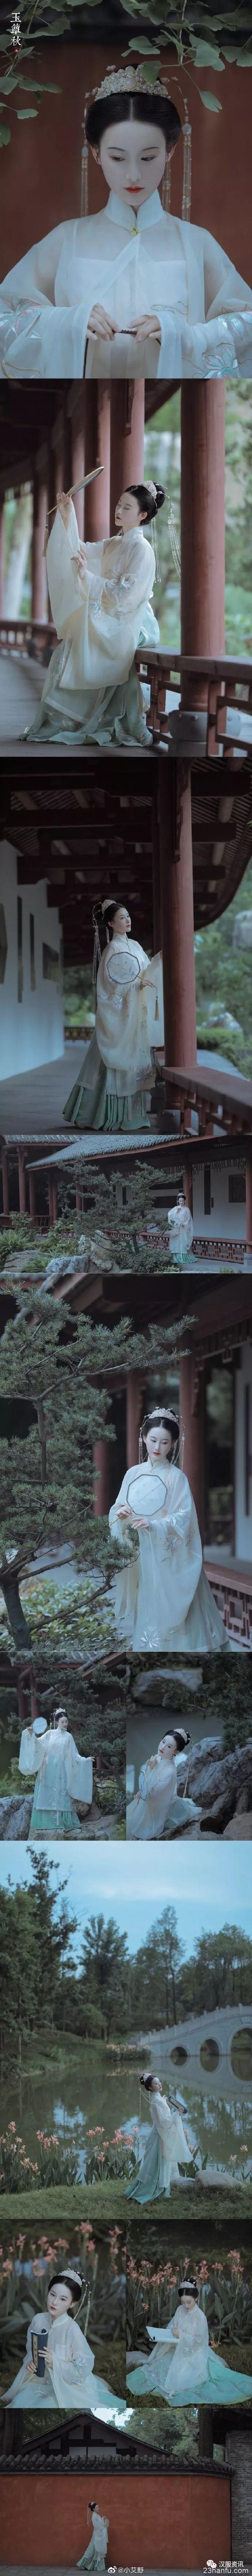 【汉服私影】玉簟秋